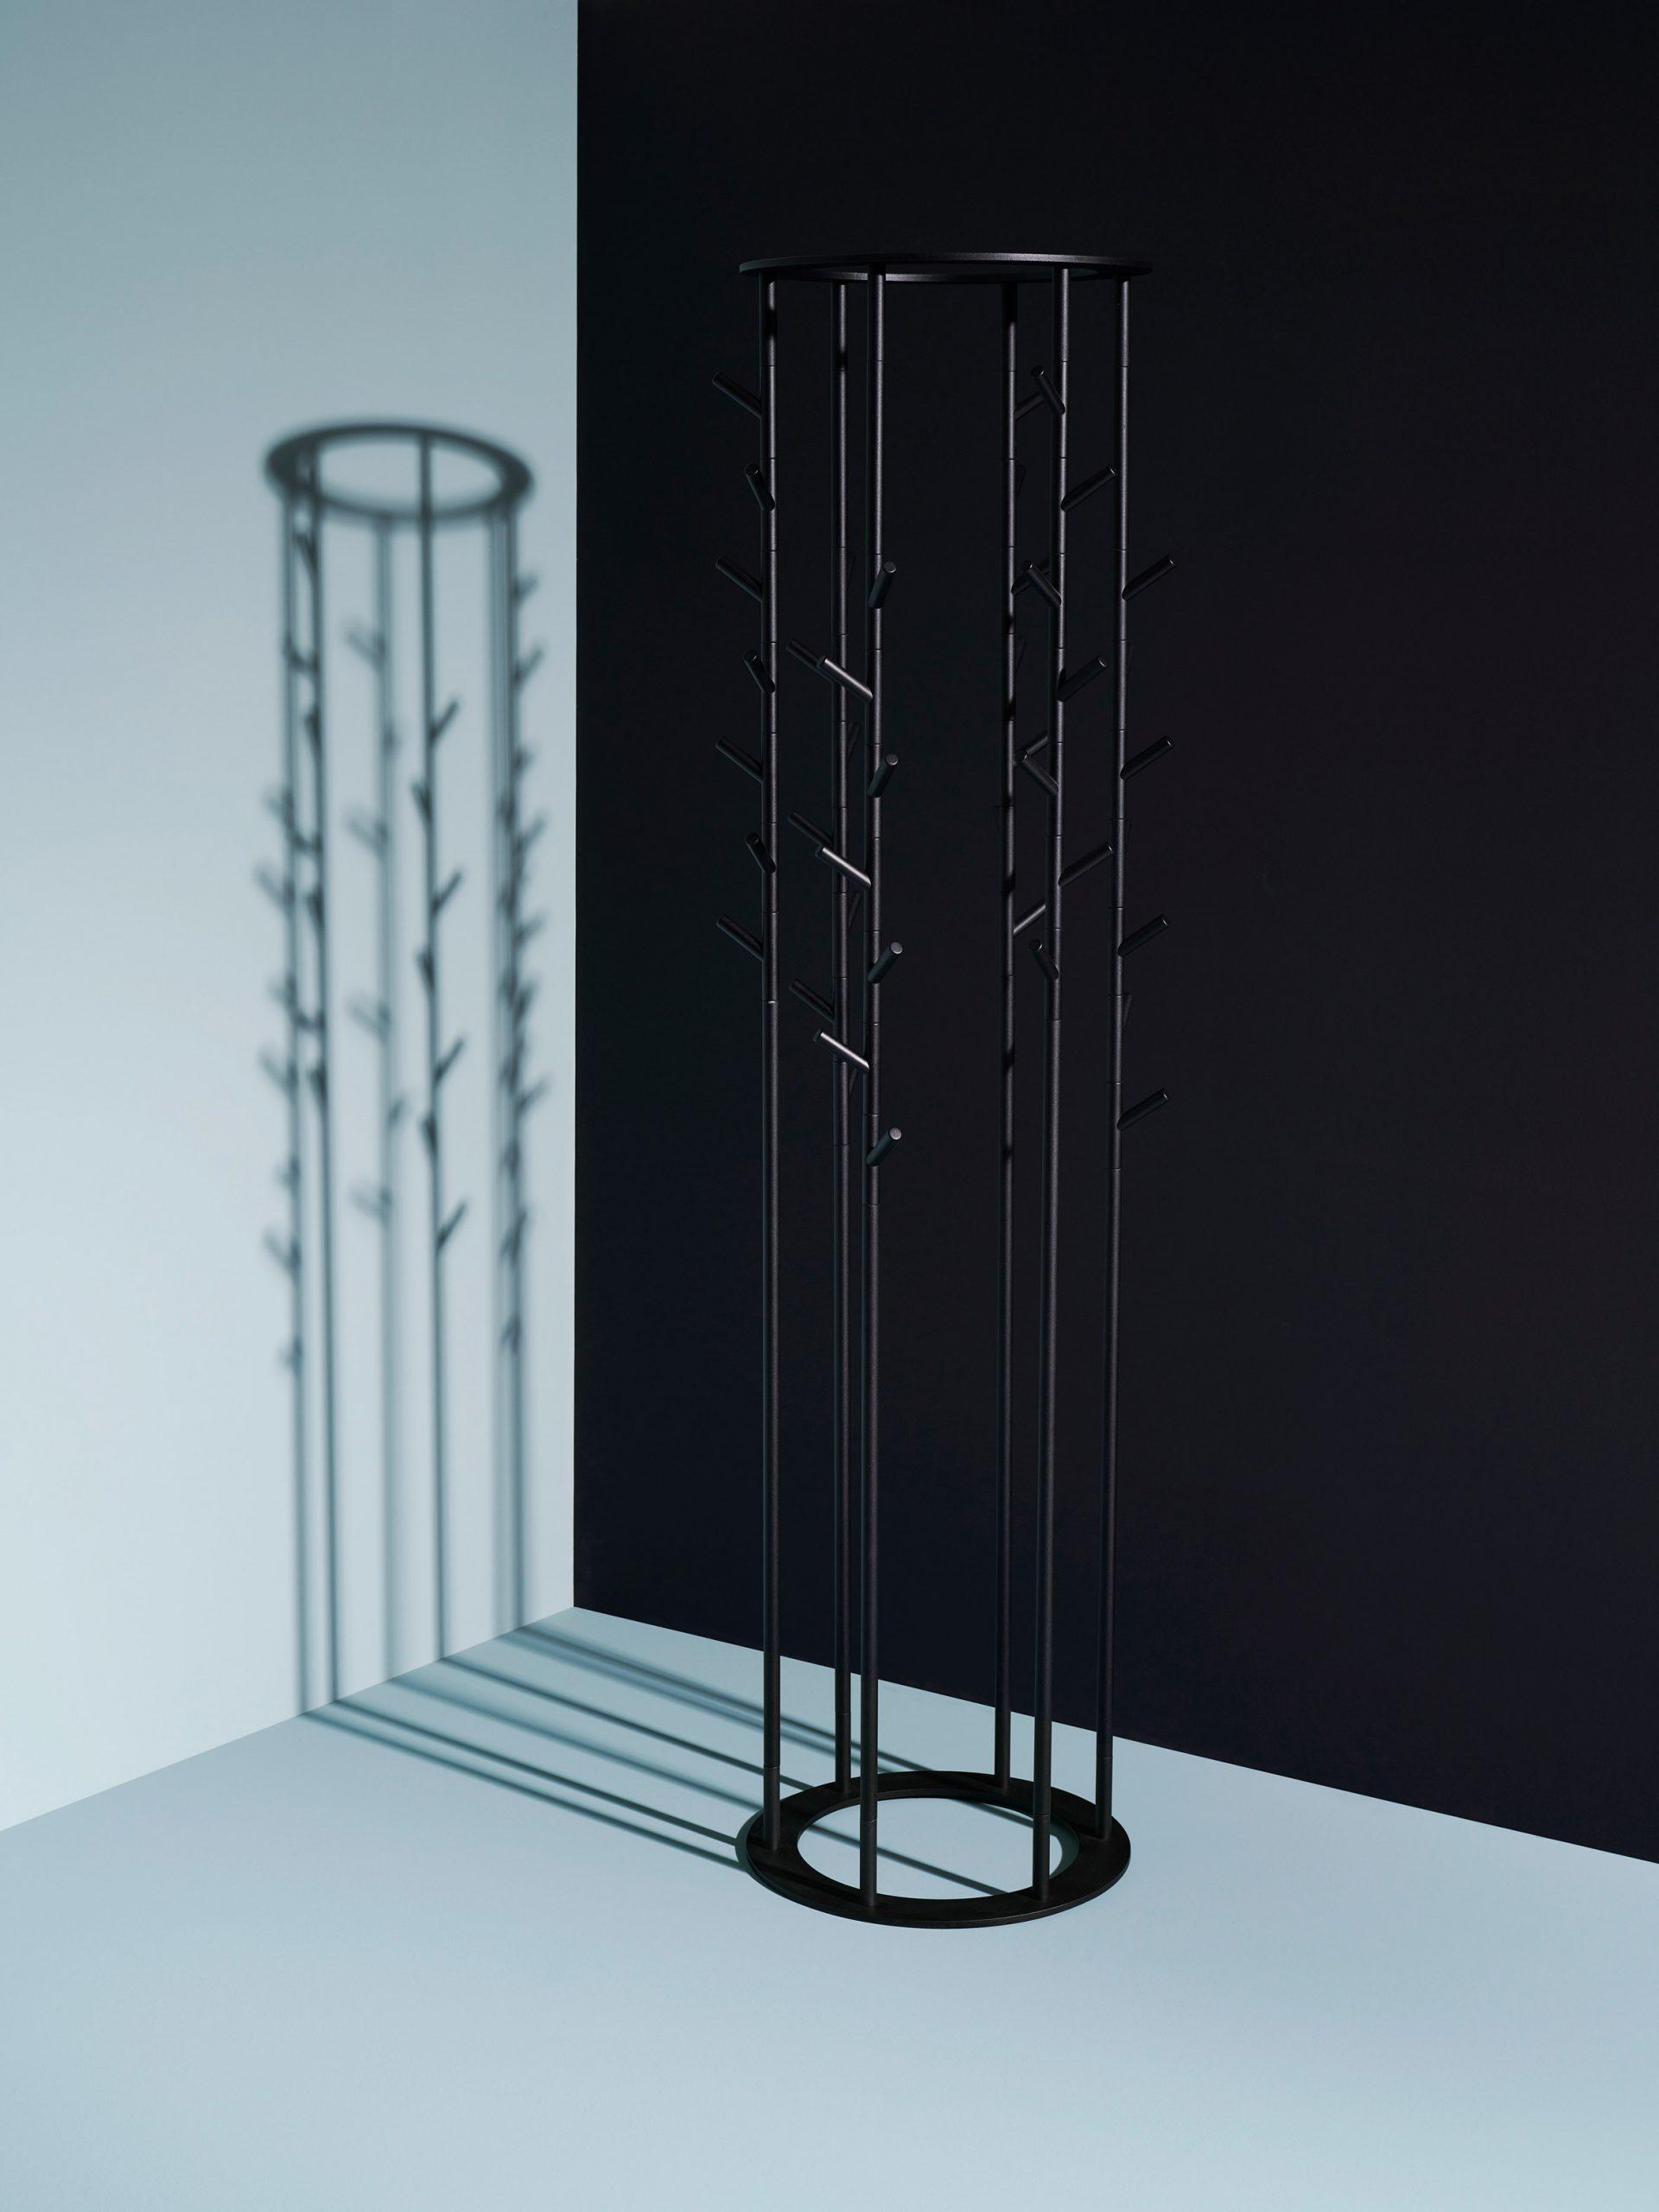 A black circular coat stand